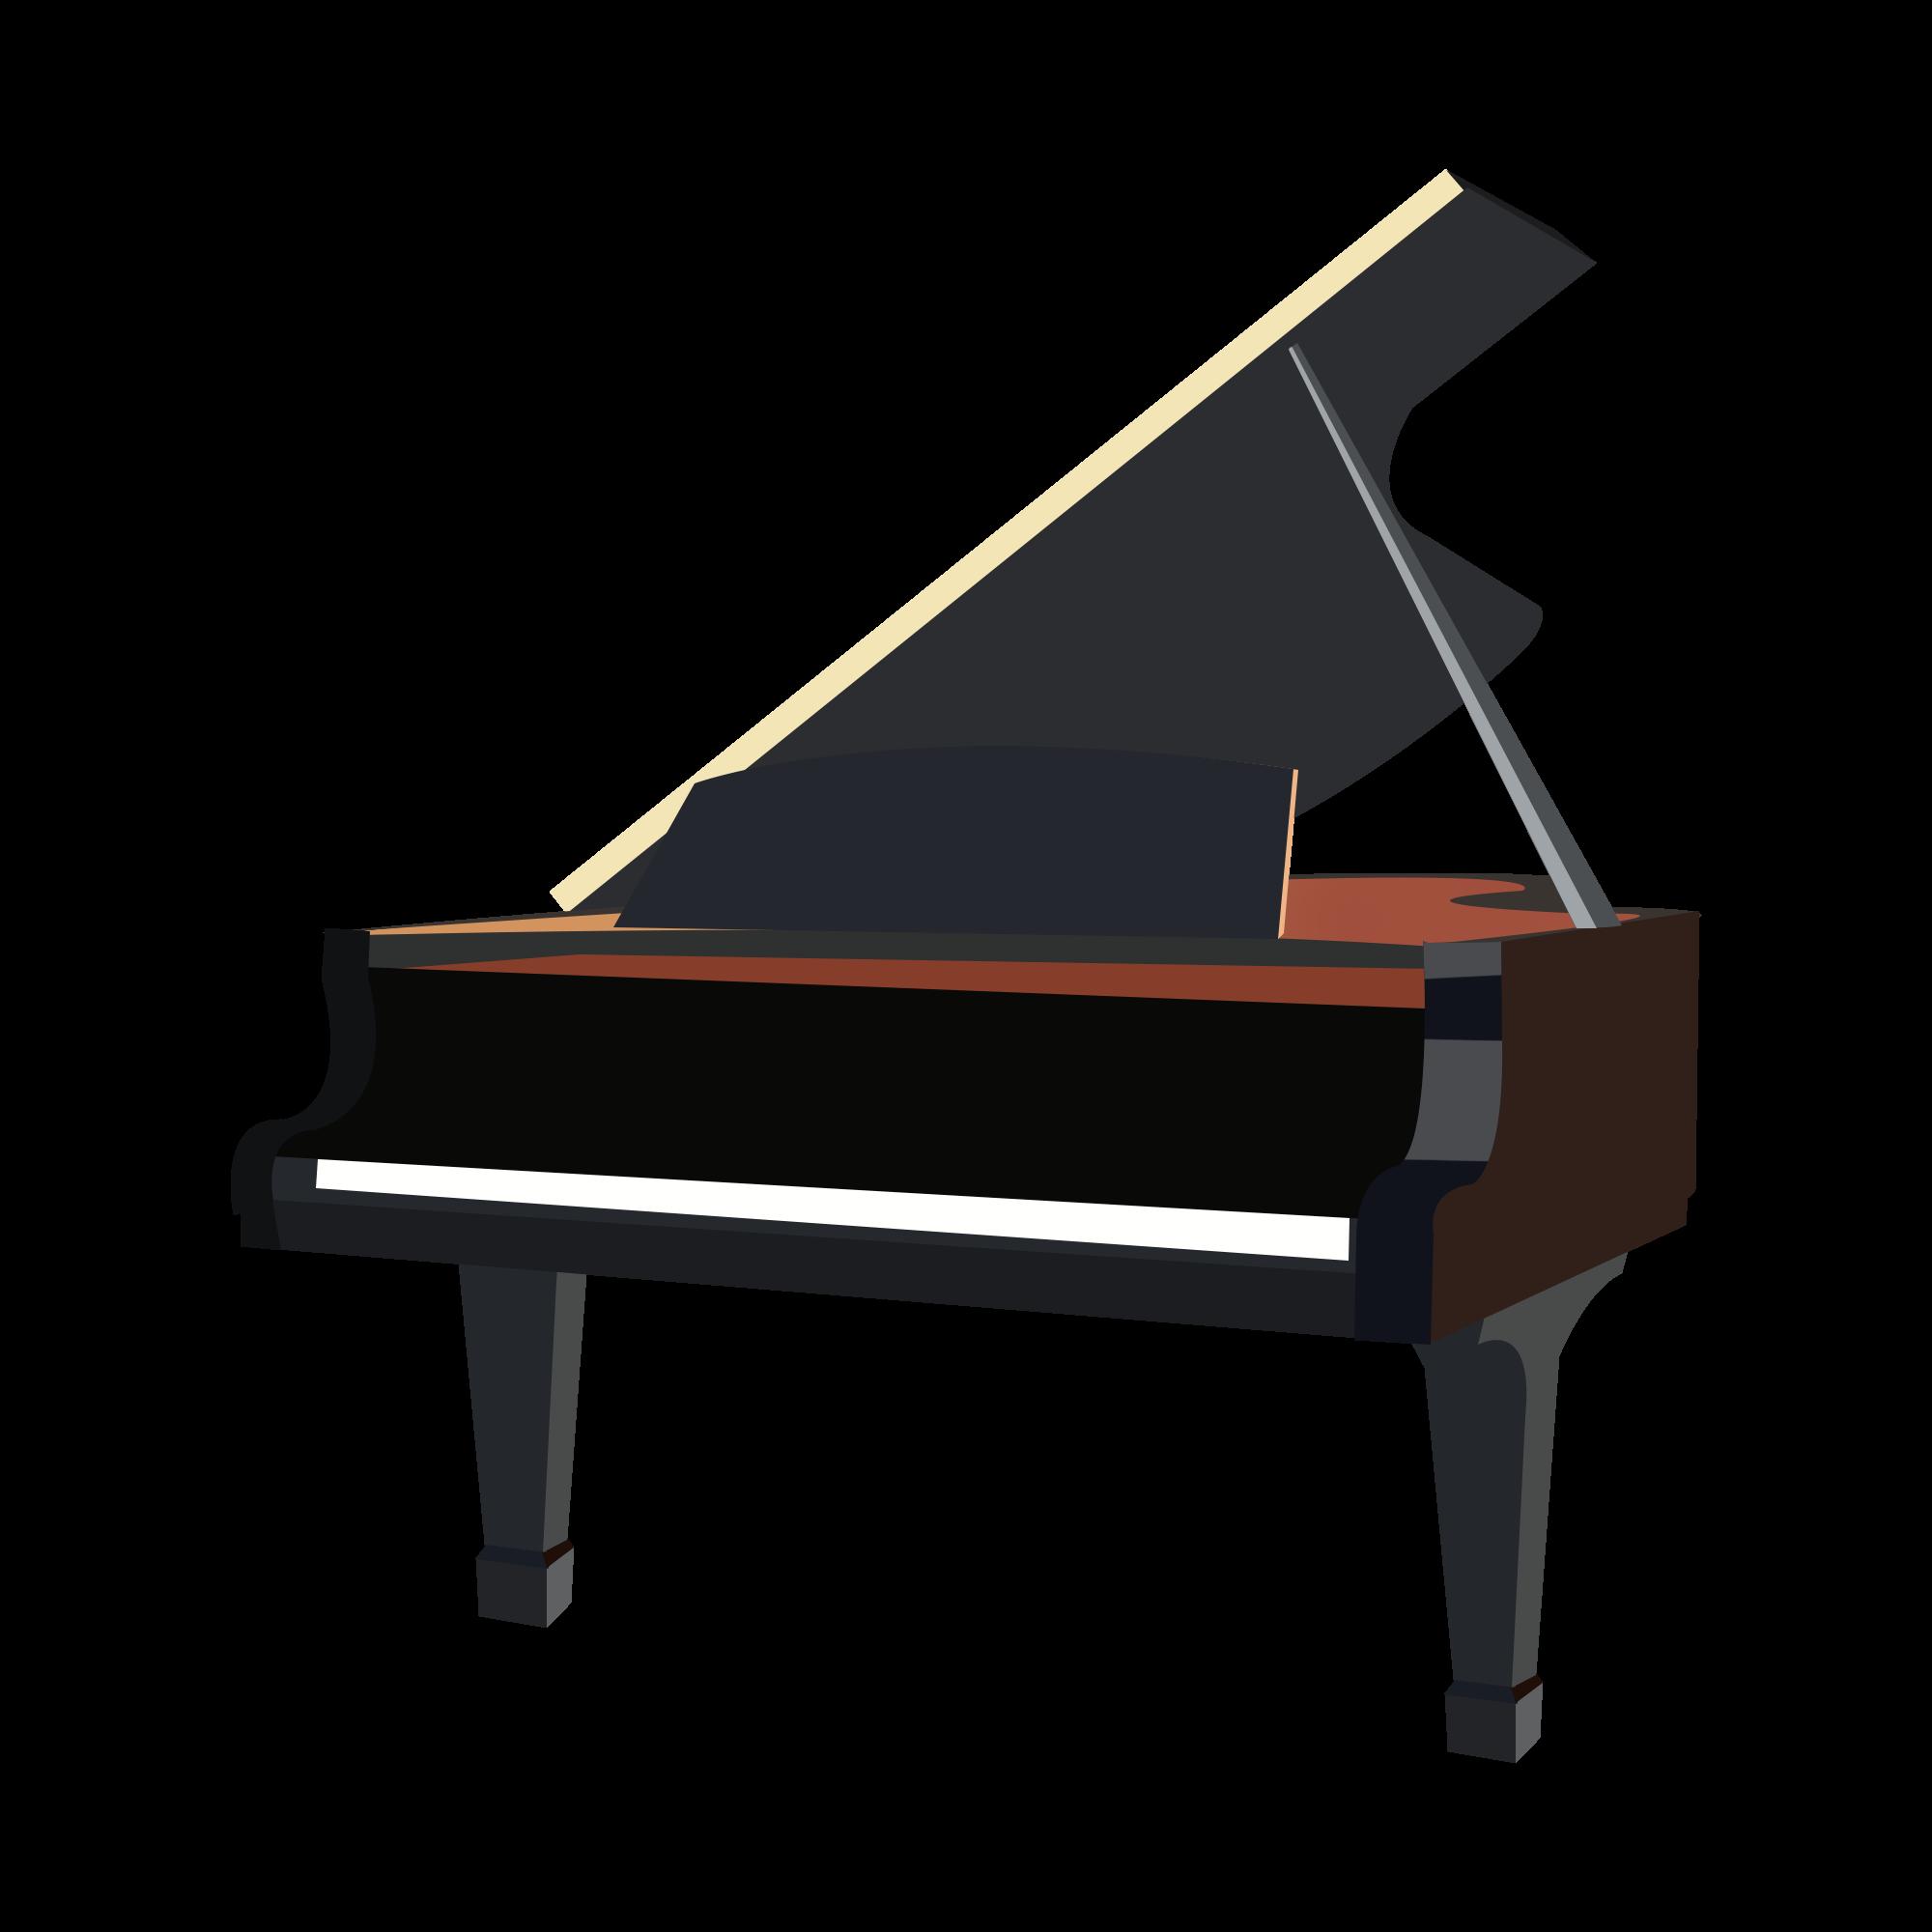 مرجع تخصصی آموزش پیانو